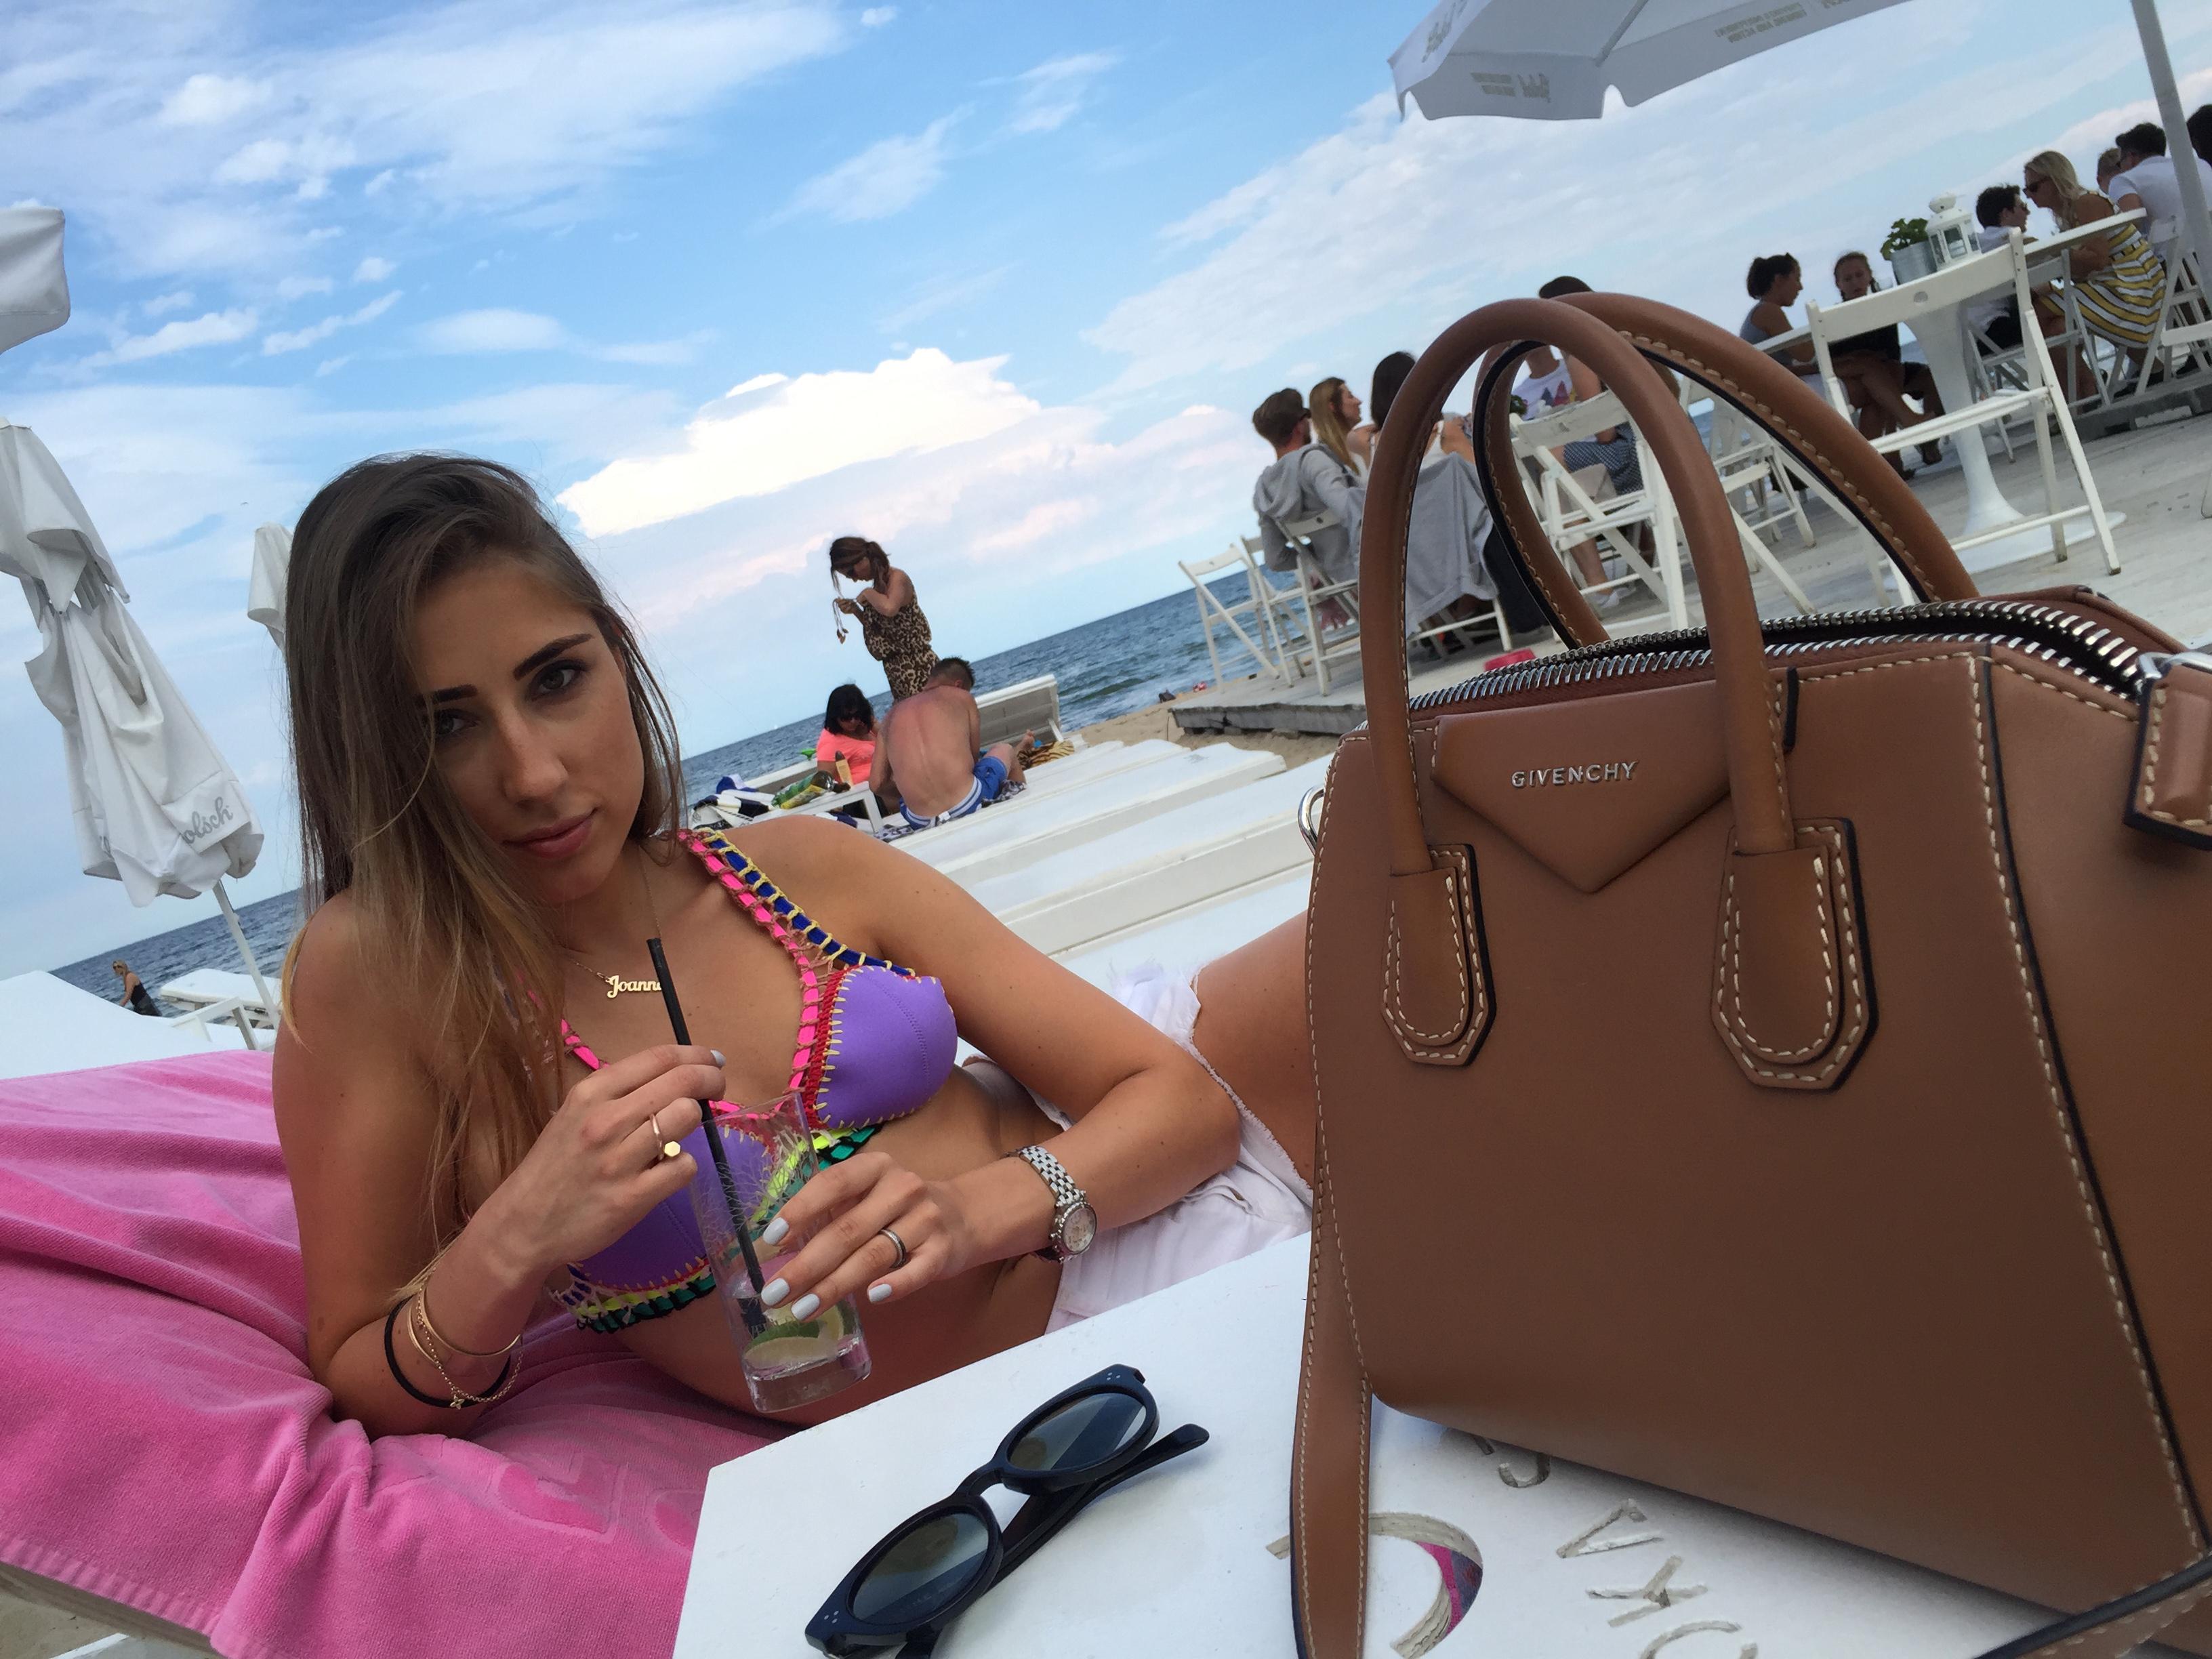 Meet Asia Borowczyk